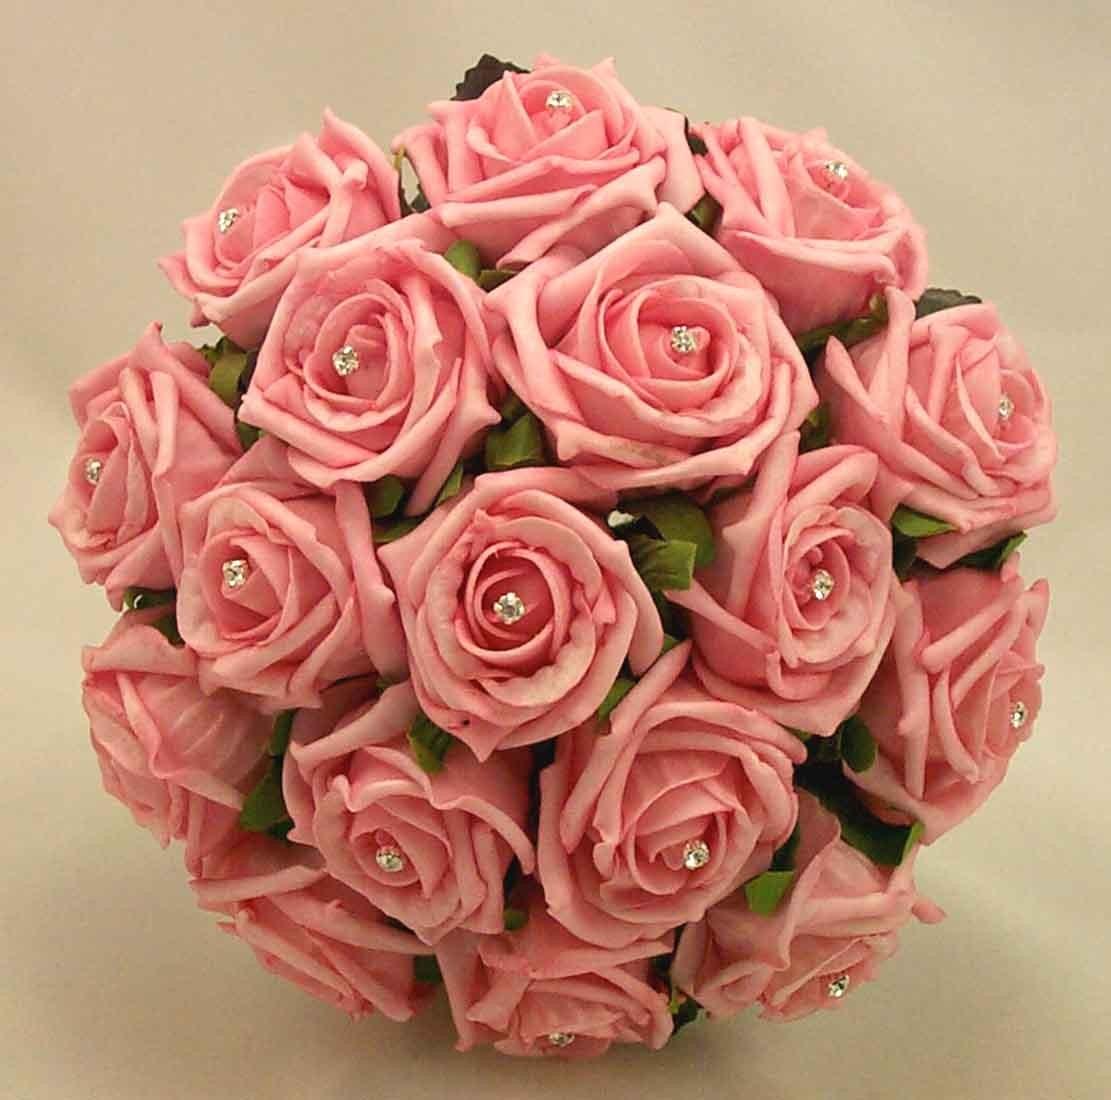 Pink Rose Diamante Bridesmaid's Bouquet